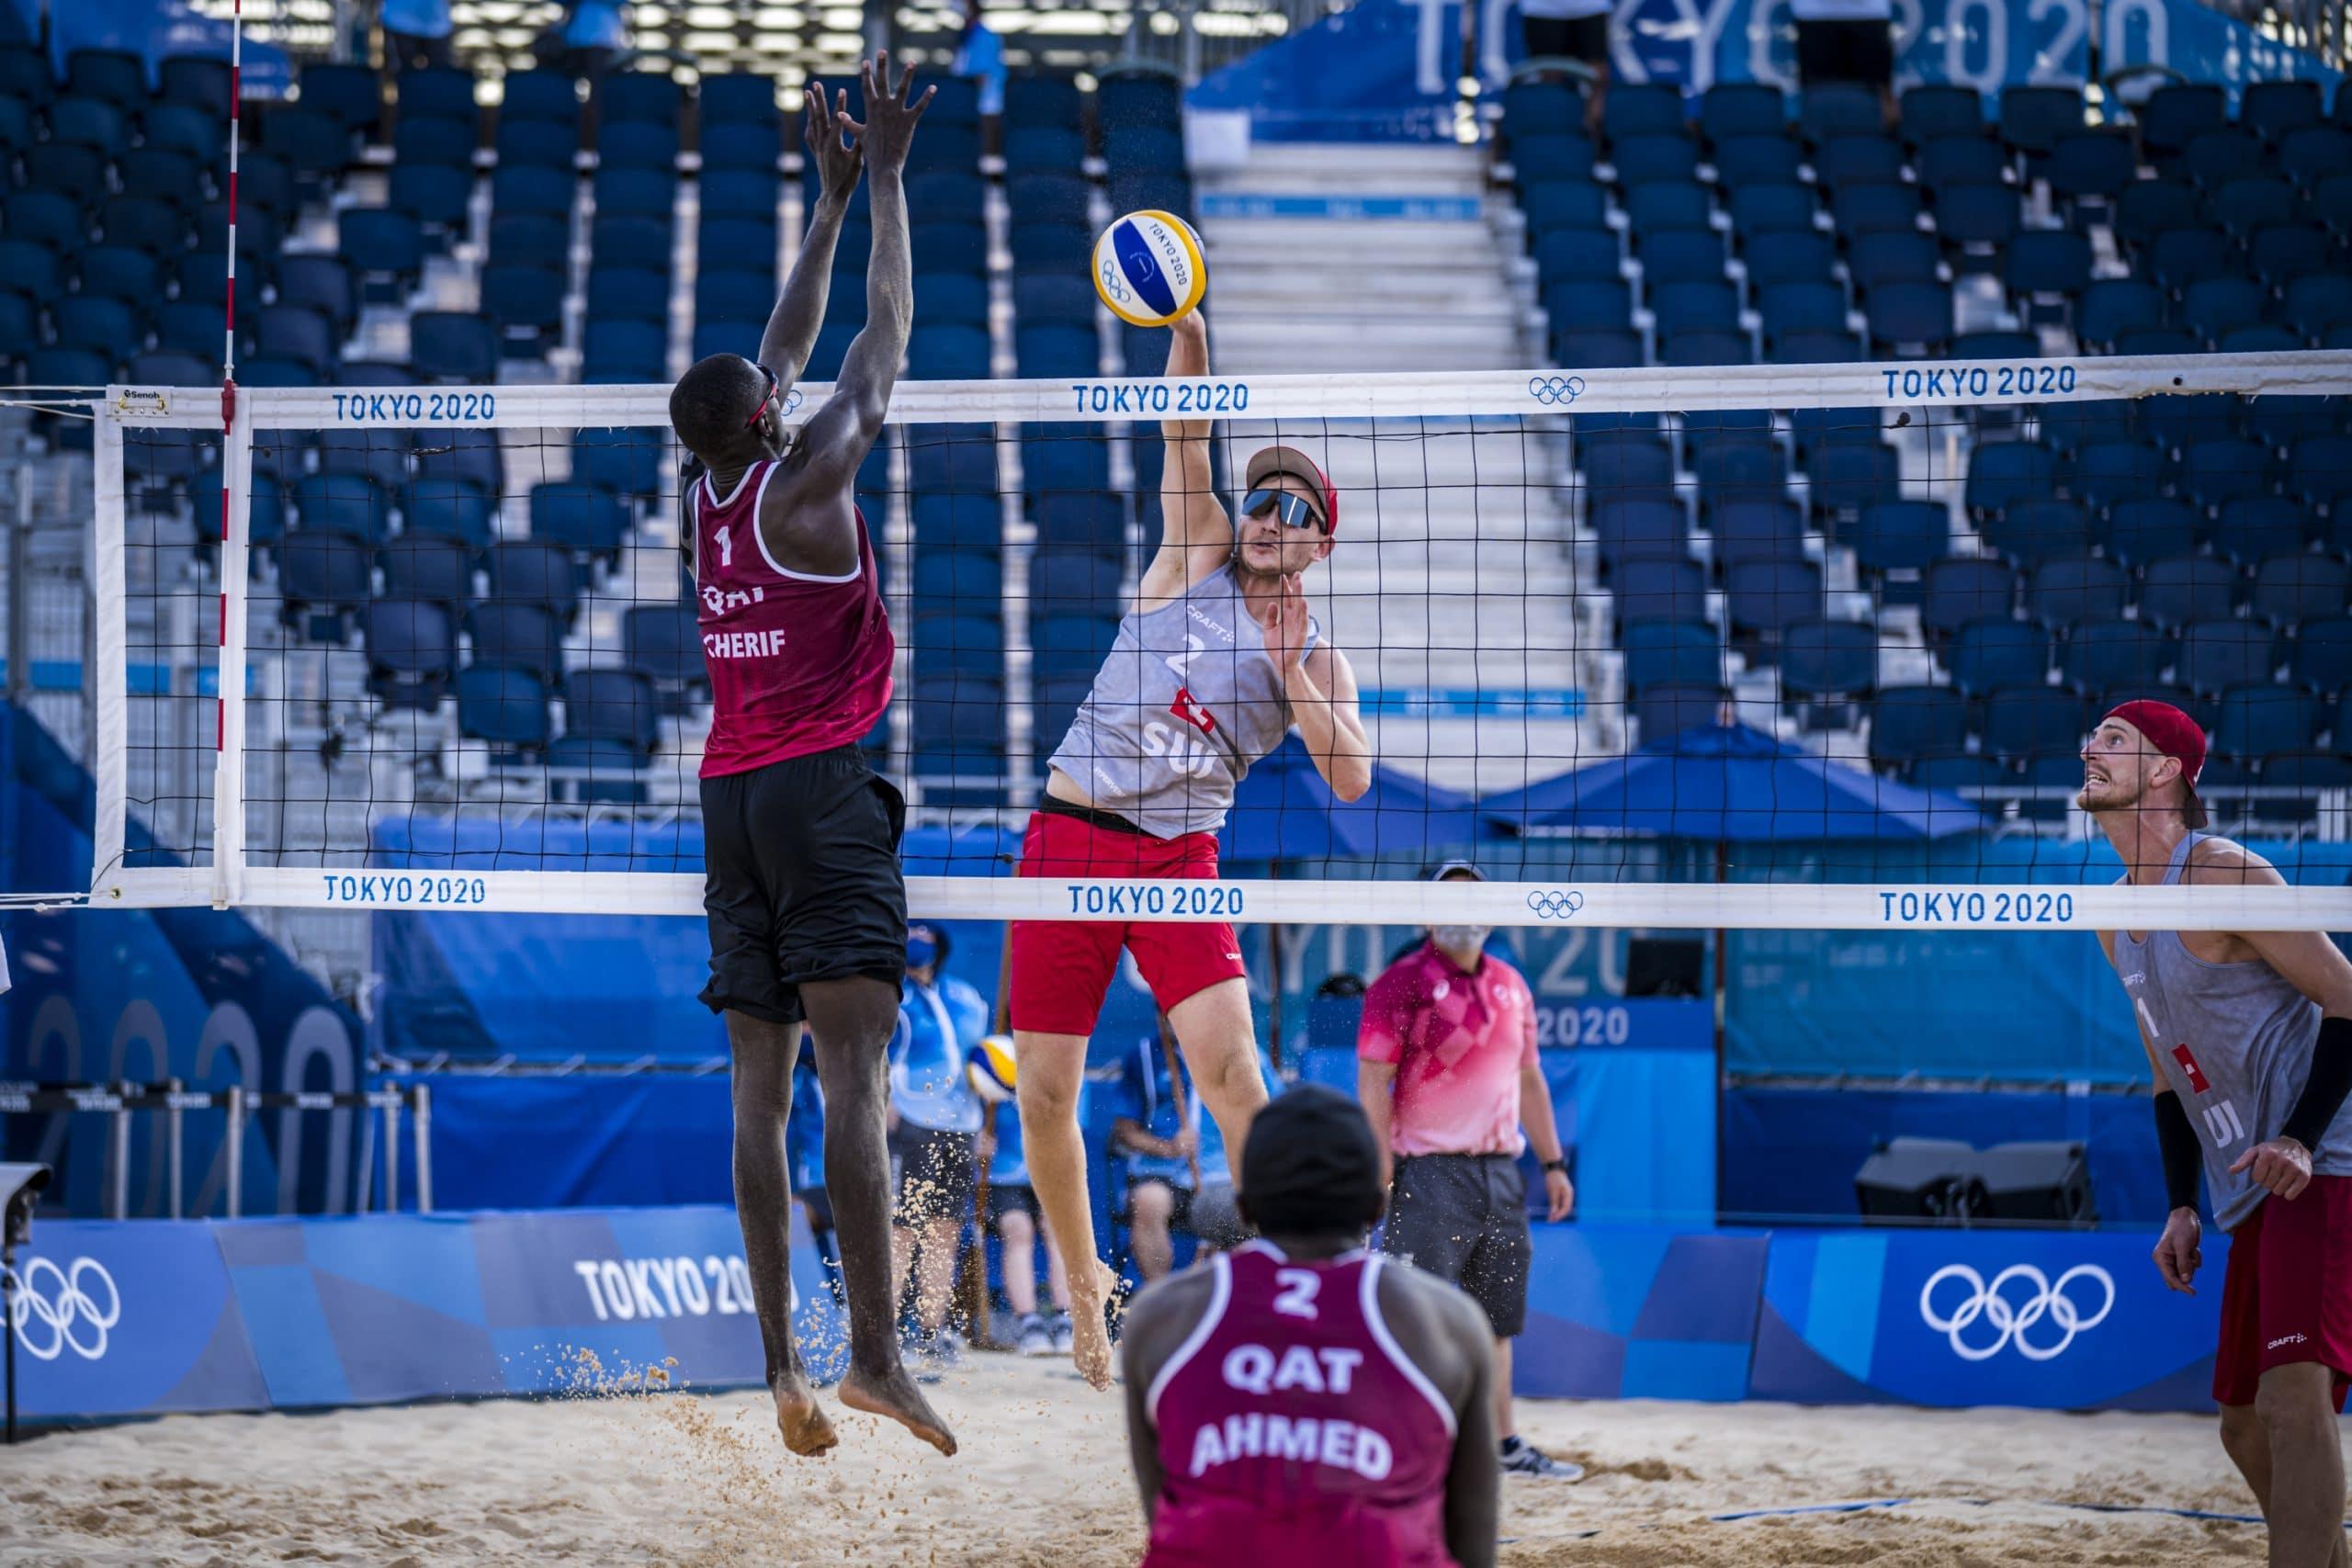 قطر تواصل تألقها في رياضة كرة الطائرة الشاطئية في أولمبياد طوكيو